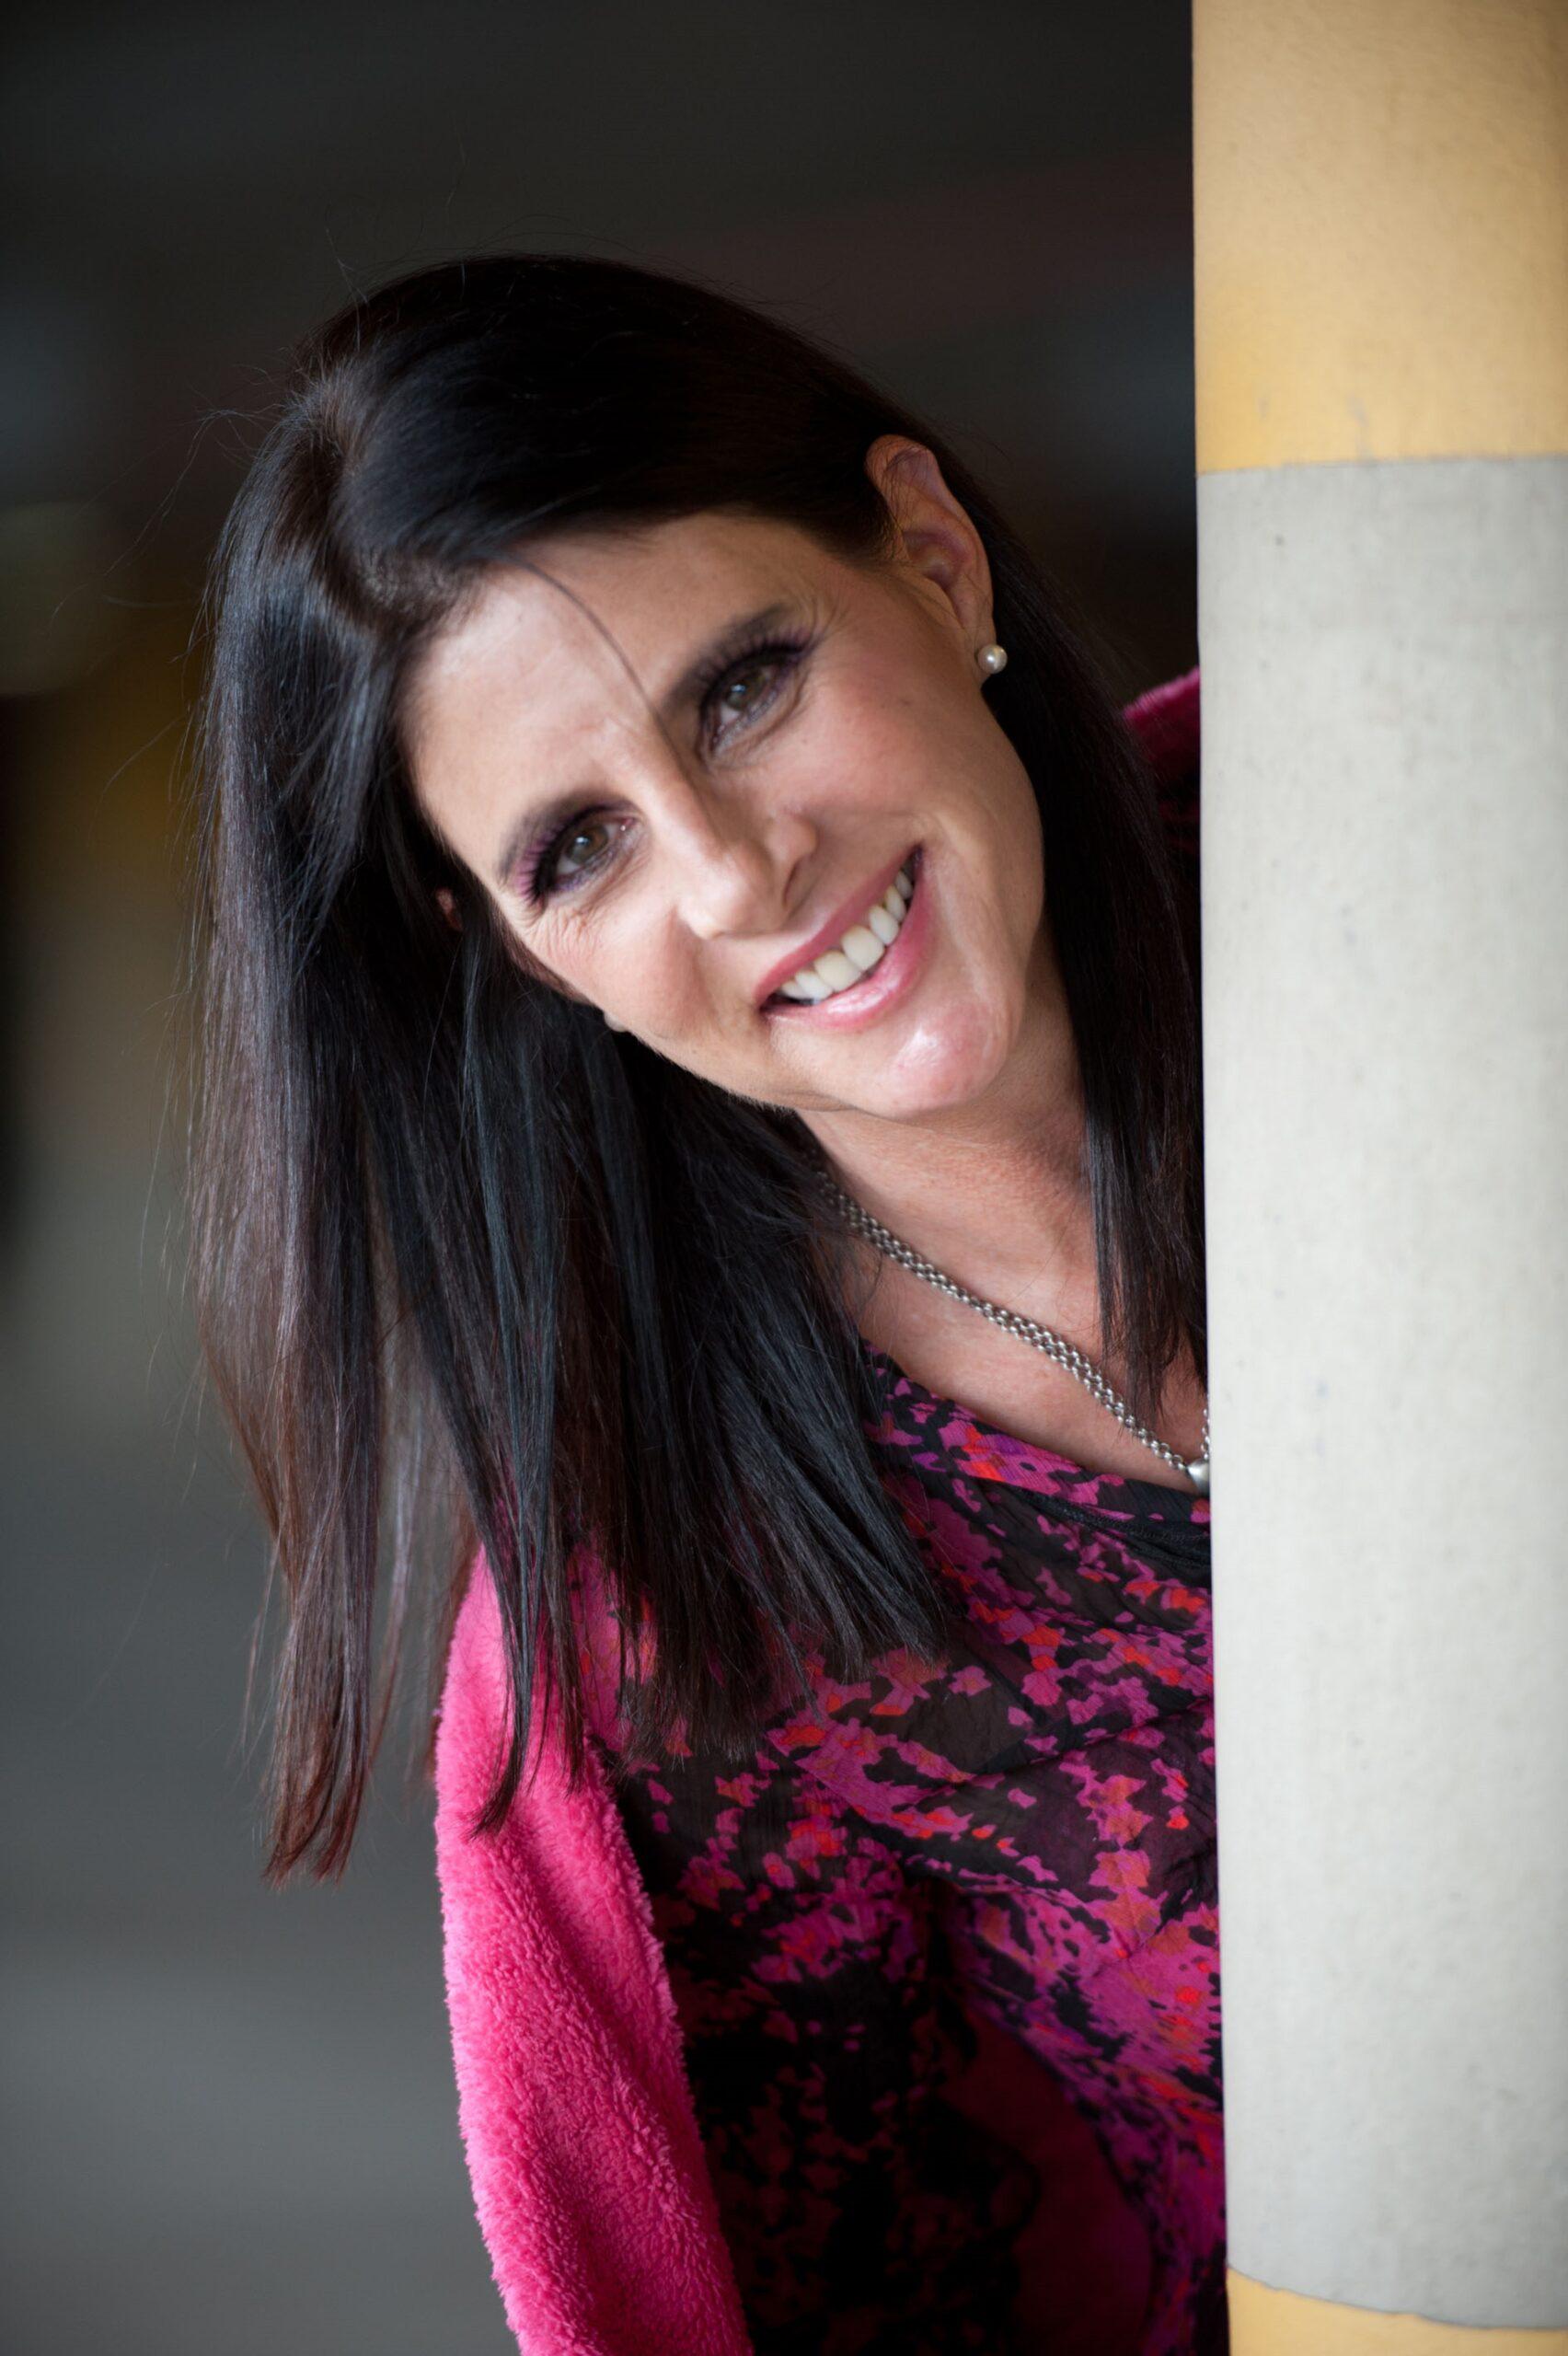 Kathy Malherbe